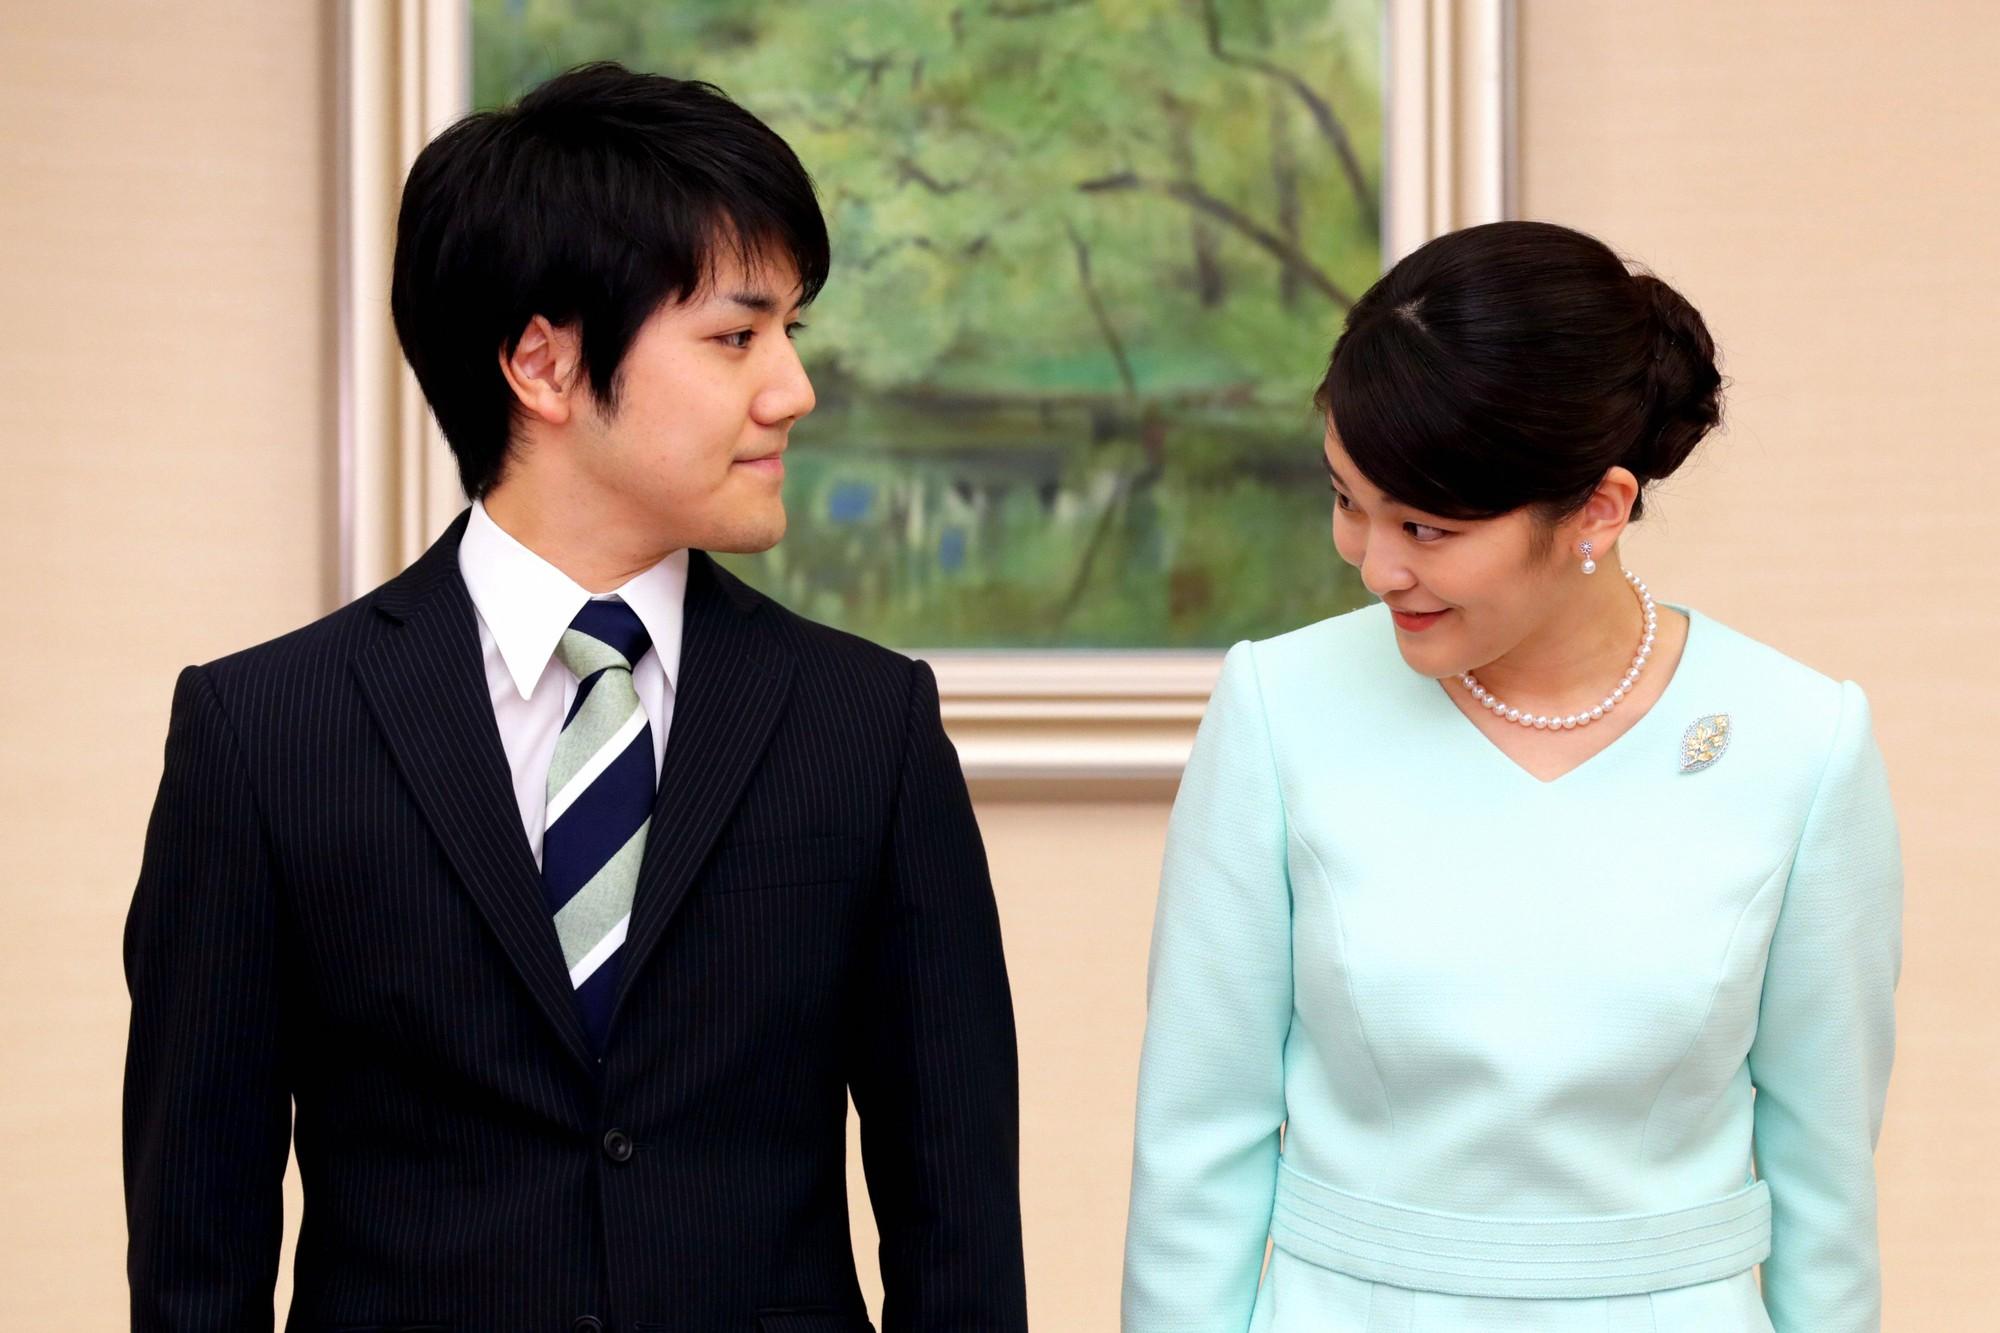 Mako nàng công chúa Nhật Bản: Rời hoàng tộc vì tình yêu, chấp nhận chờ hoàng tử trả nợ xong mới cưới - Ảnh 10.